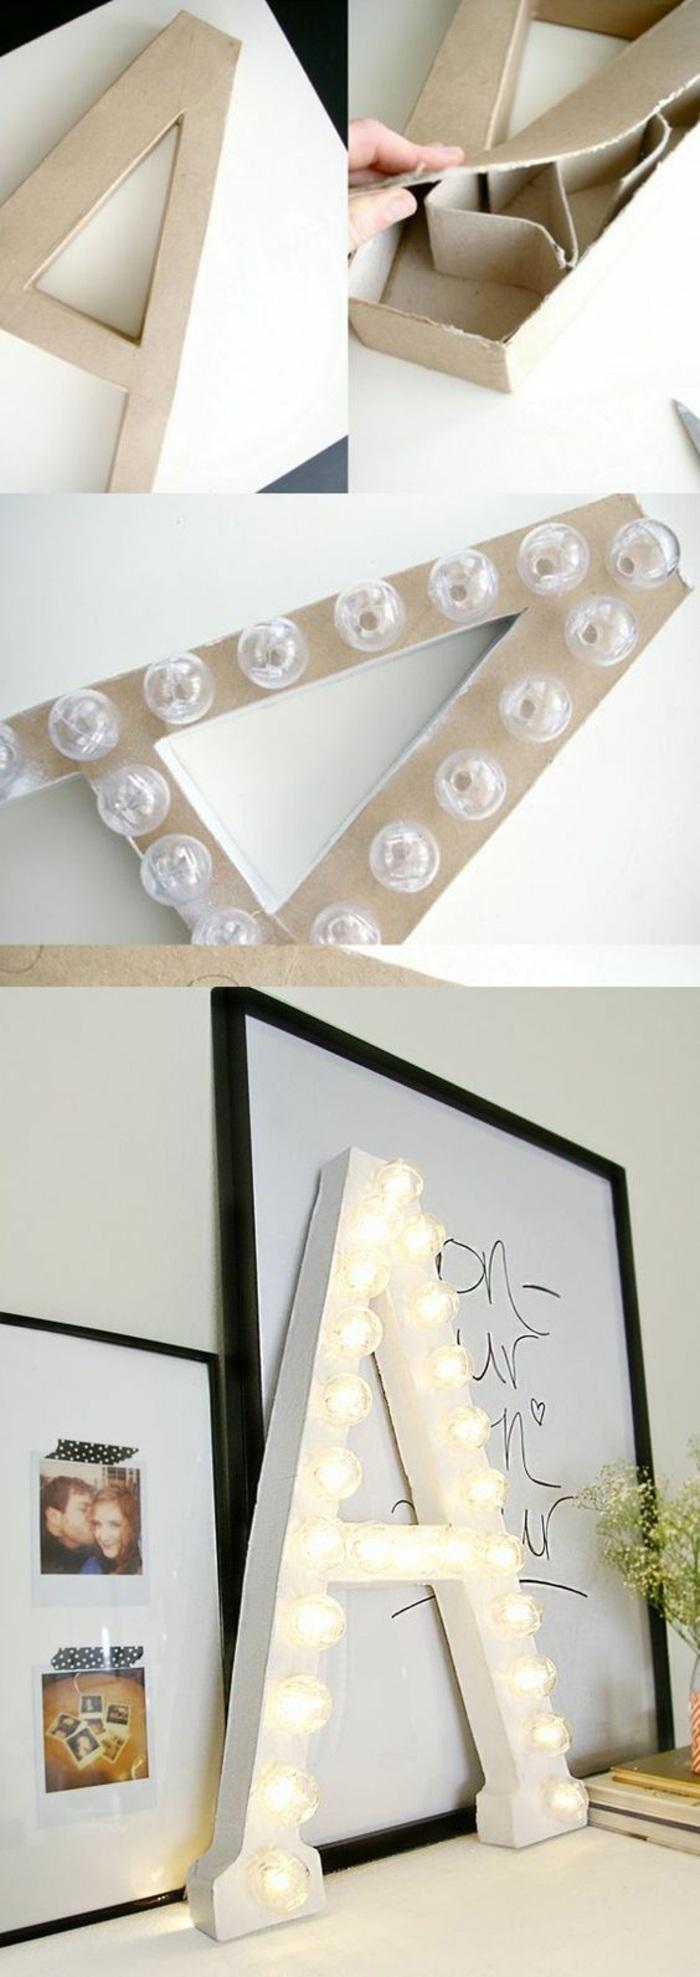 diy objet de déco facile, modèle de lampe en forme de lettre DIY, faire une lettre lumineuse avec carton et guirlande